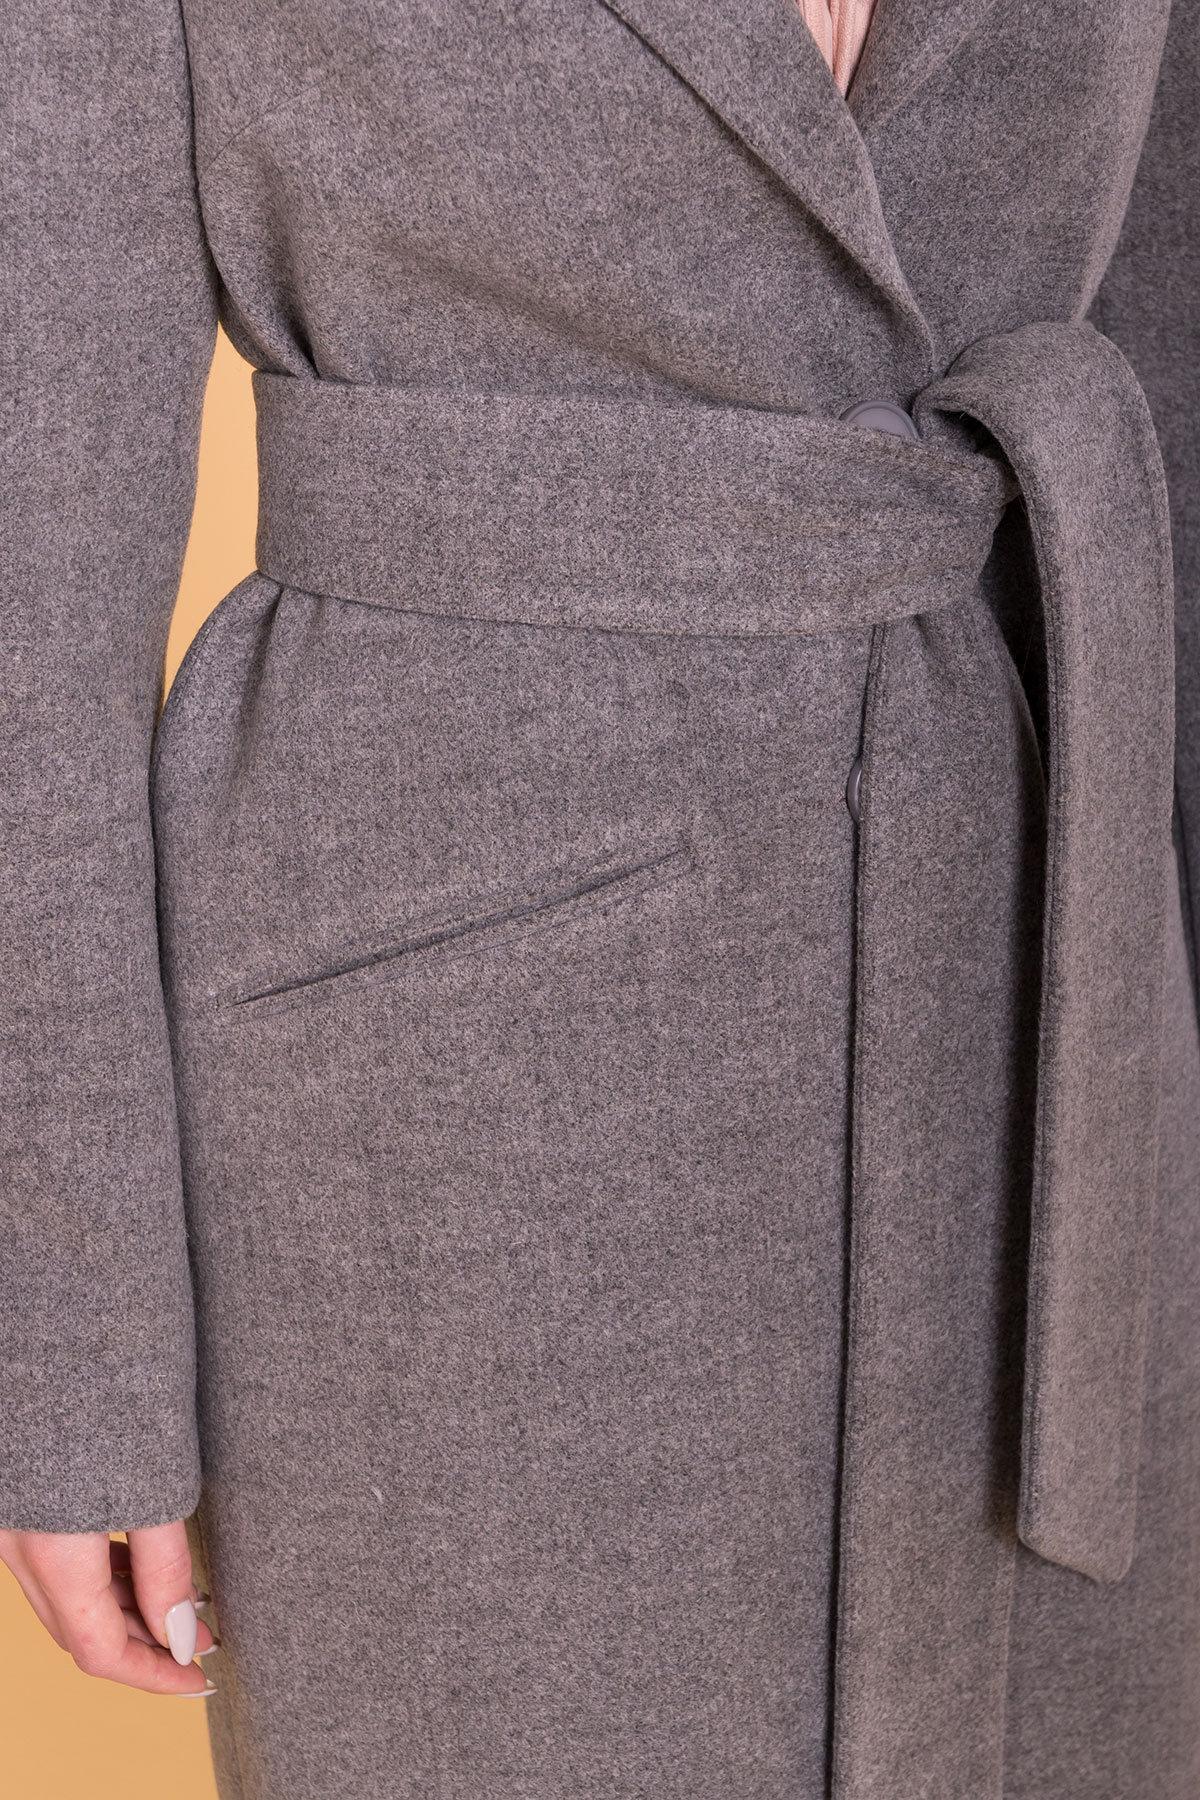 Демисезонное Эрли 6335 АРТ. 41144 Цвет: Серый 18 - фото 6, интернет магазин tm-modus.ru